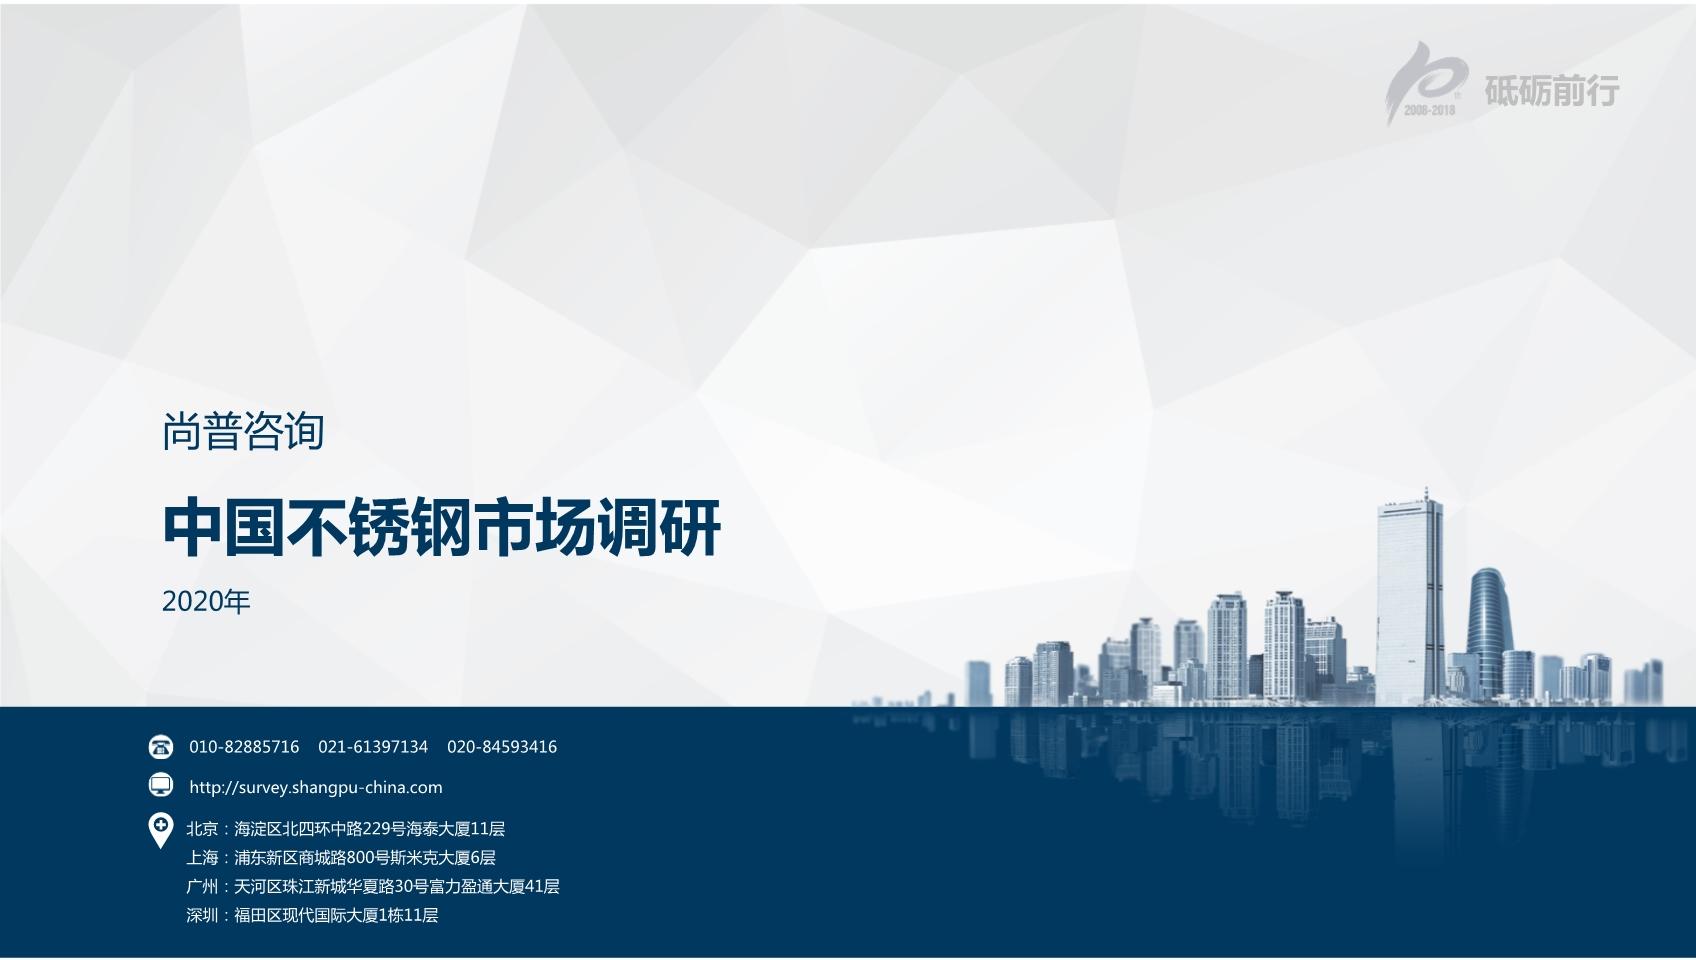 尚普咨询:2020年中国不锈钢市场调研